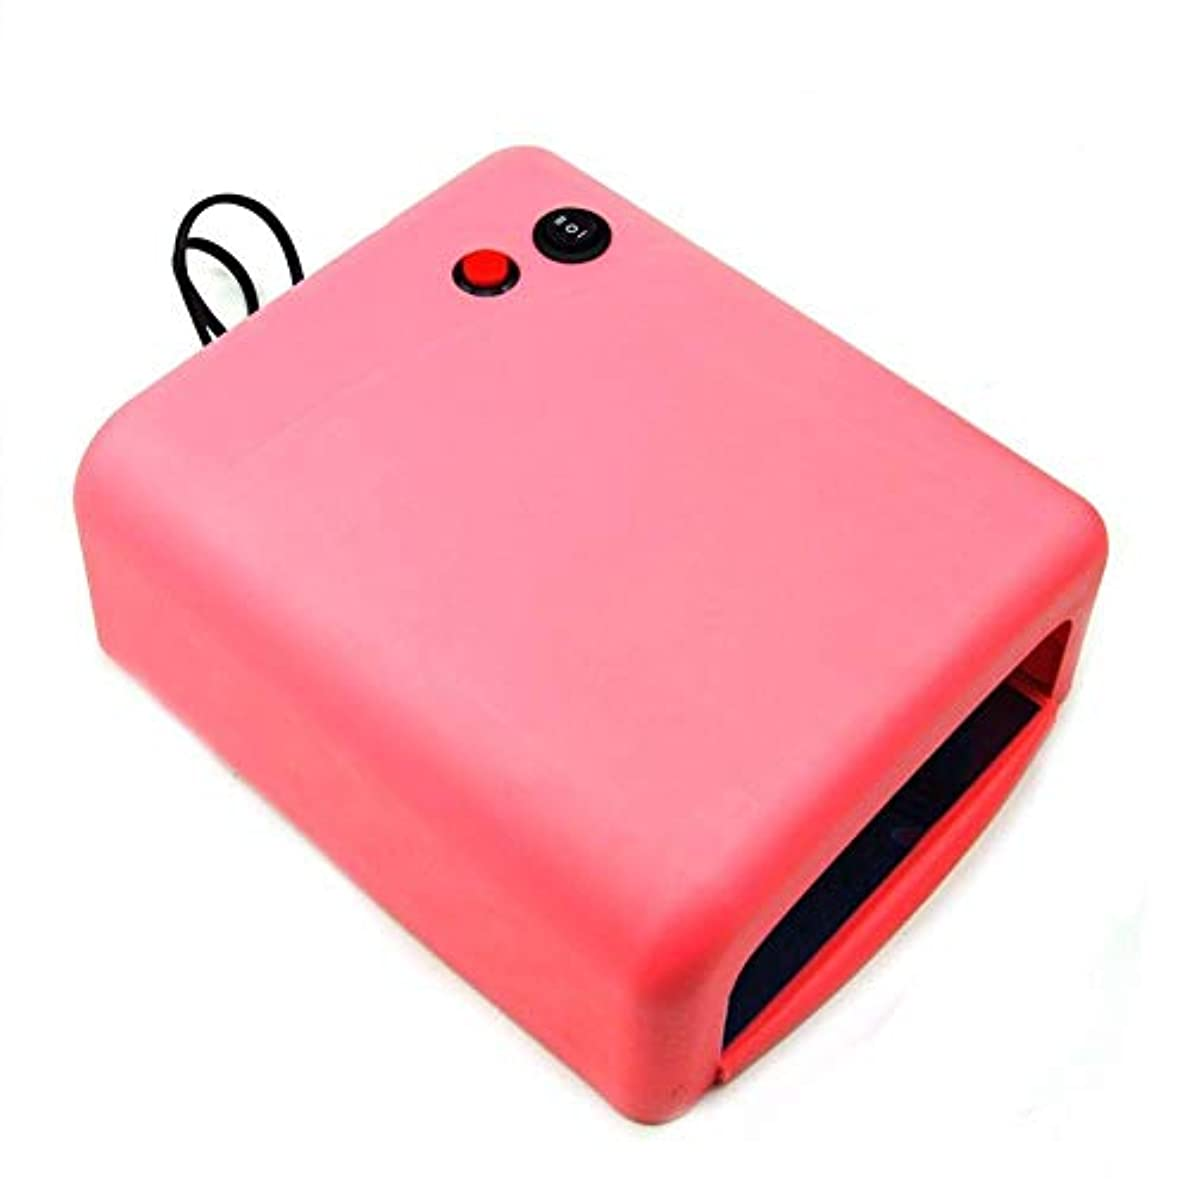 連邦中絶激怒ネイルドライヤーネイルドライヤー36WプロのUV LEDランプネイルドライヤーポリッシュマシン用ネイルジェルEU / USプラグ4X 9Wランプピンク色、写真の色